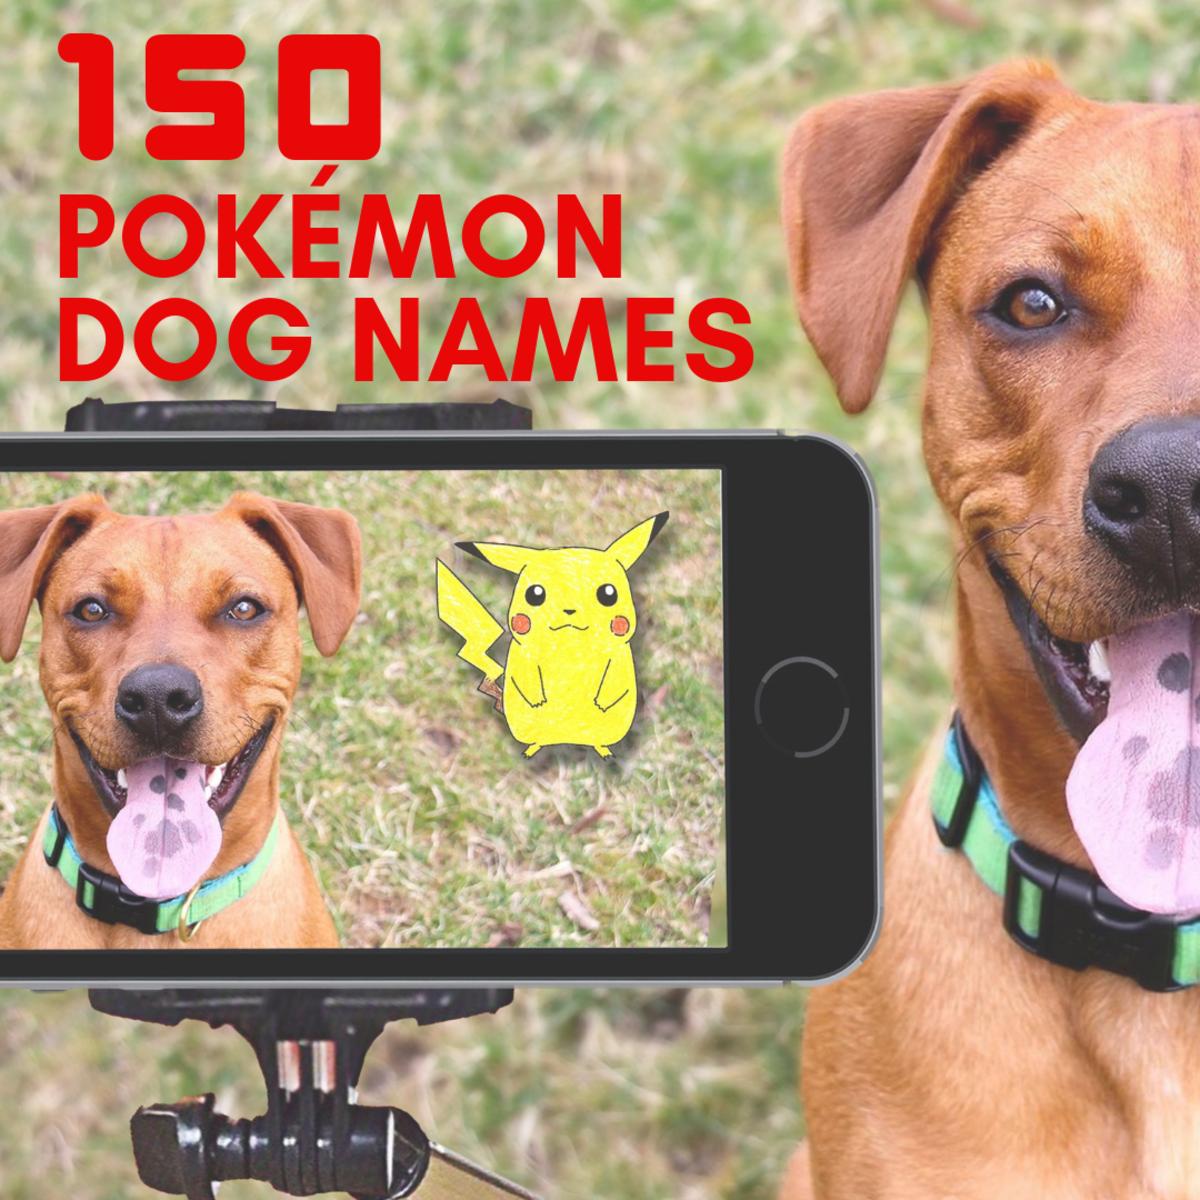 Pokémon names for your pet!